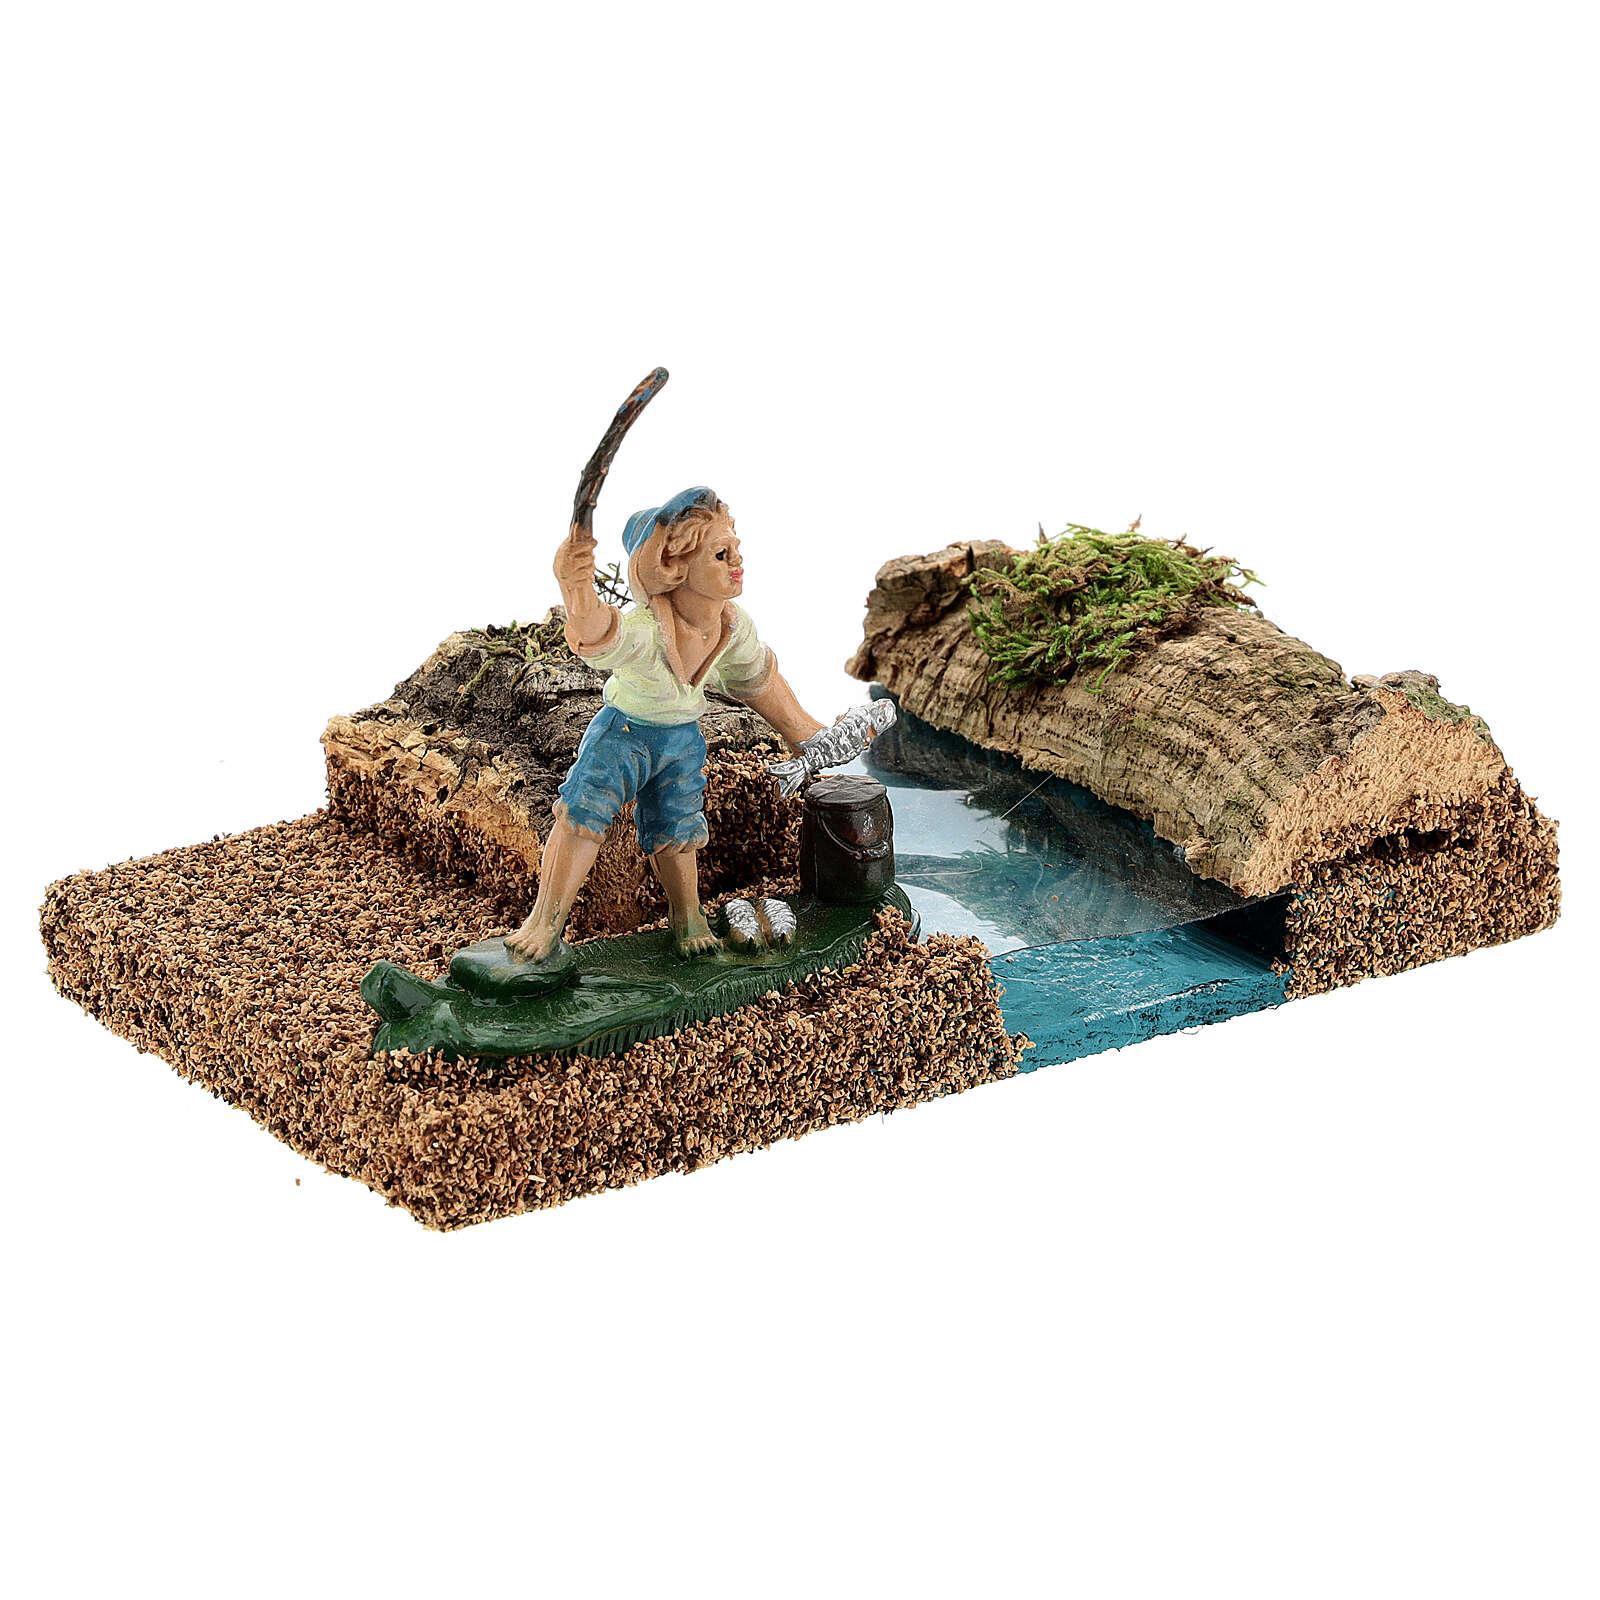 Pescatore in riva al fiume 8 cm ambientazione presepe 4